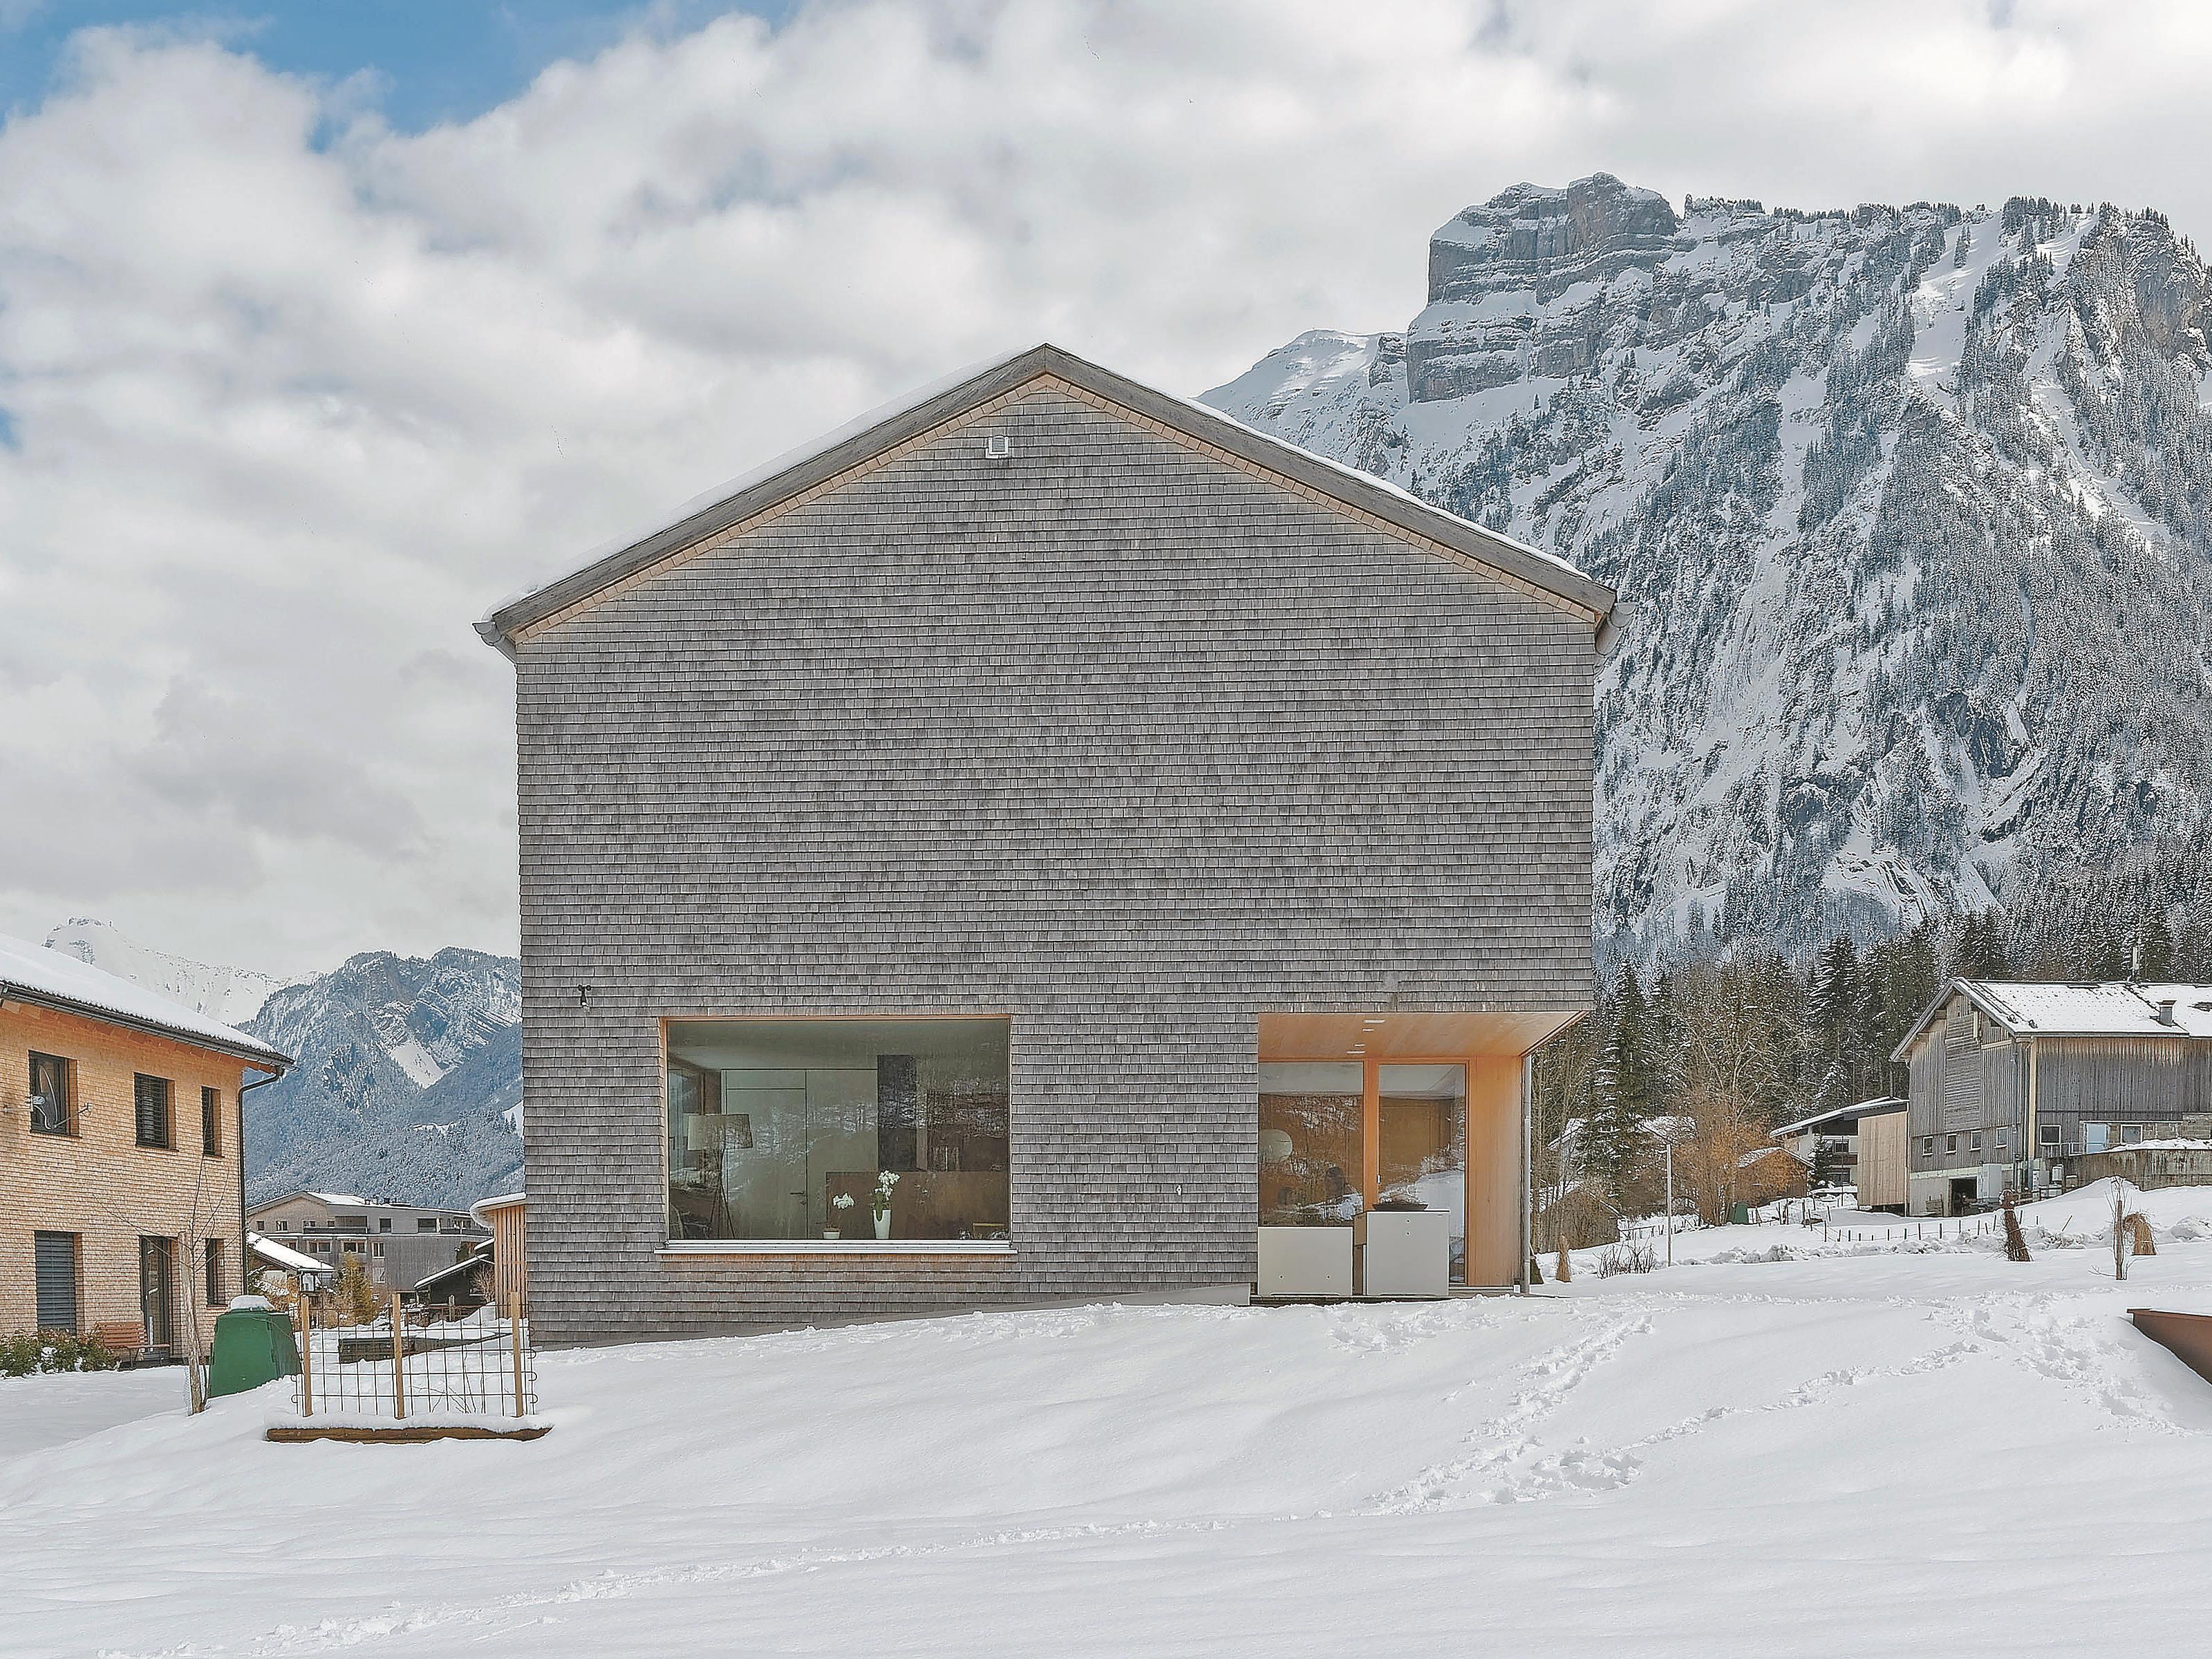 Holzhaus Angesichts der mächtigen Kanisfluh nimmt sich das Haus Simma sehr bescheiden aus.